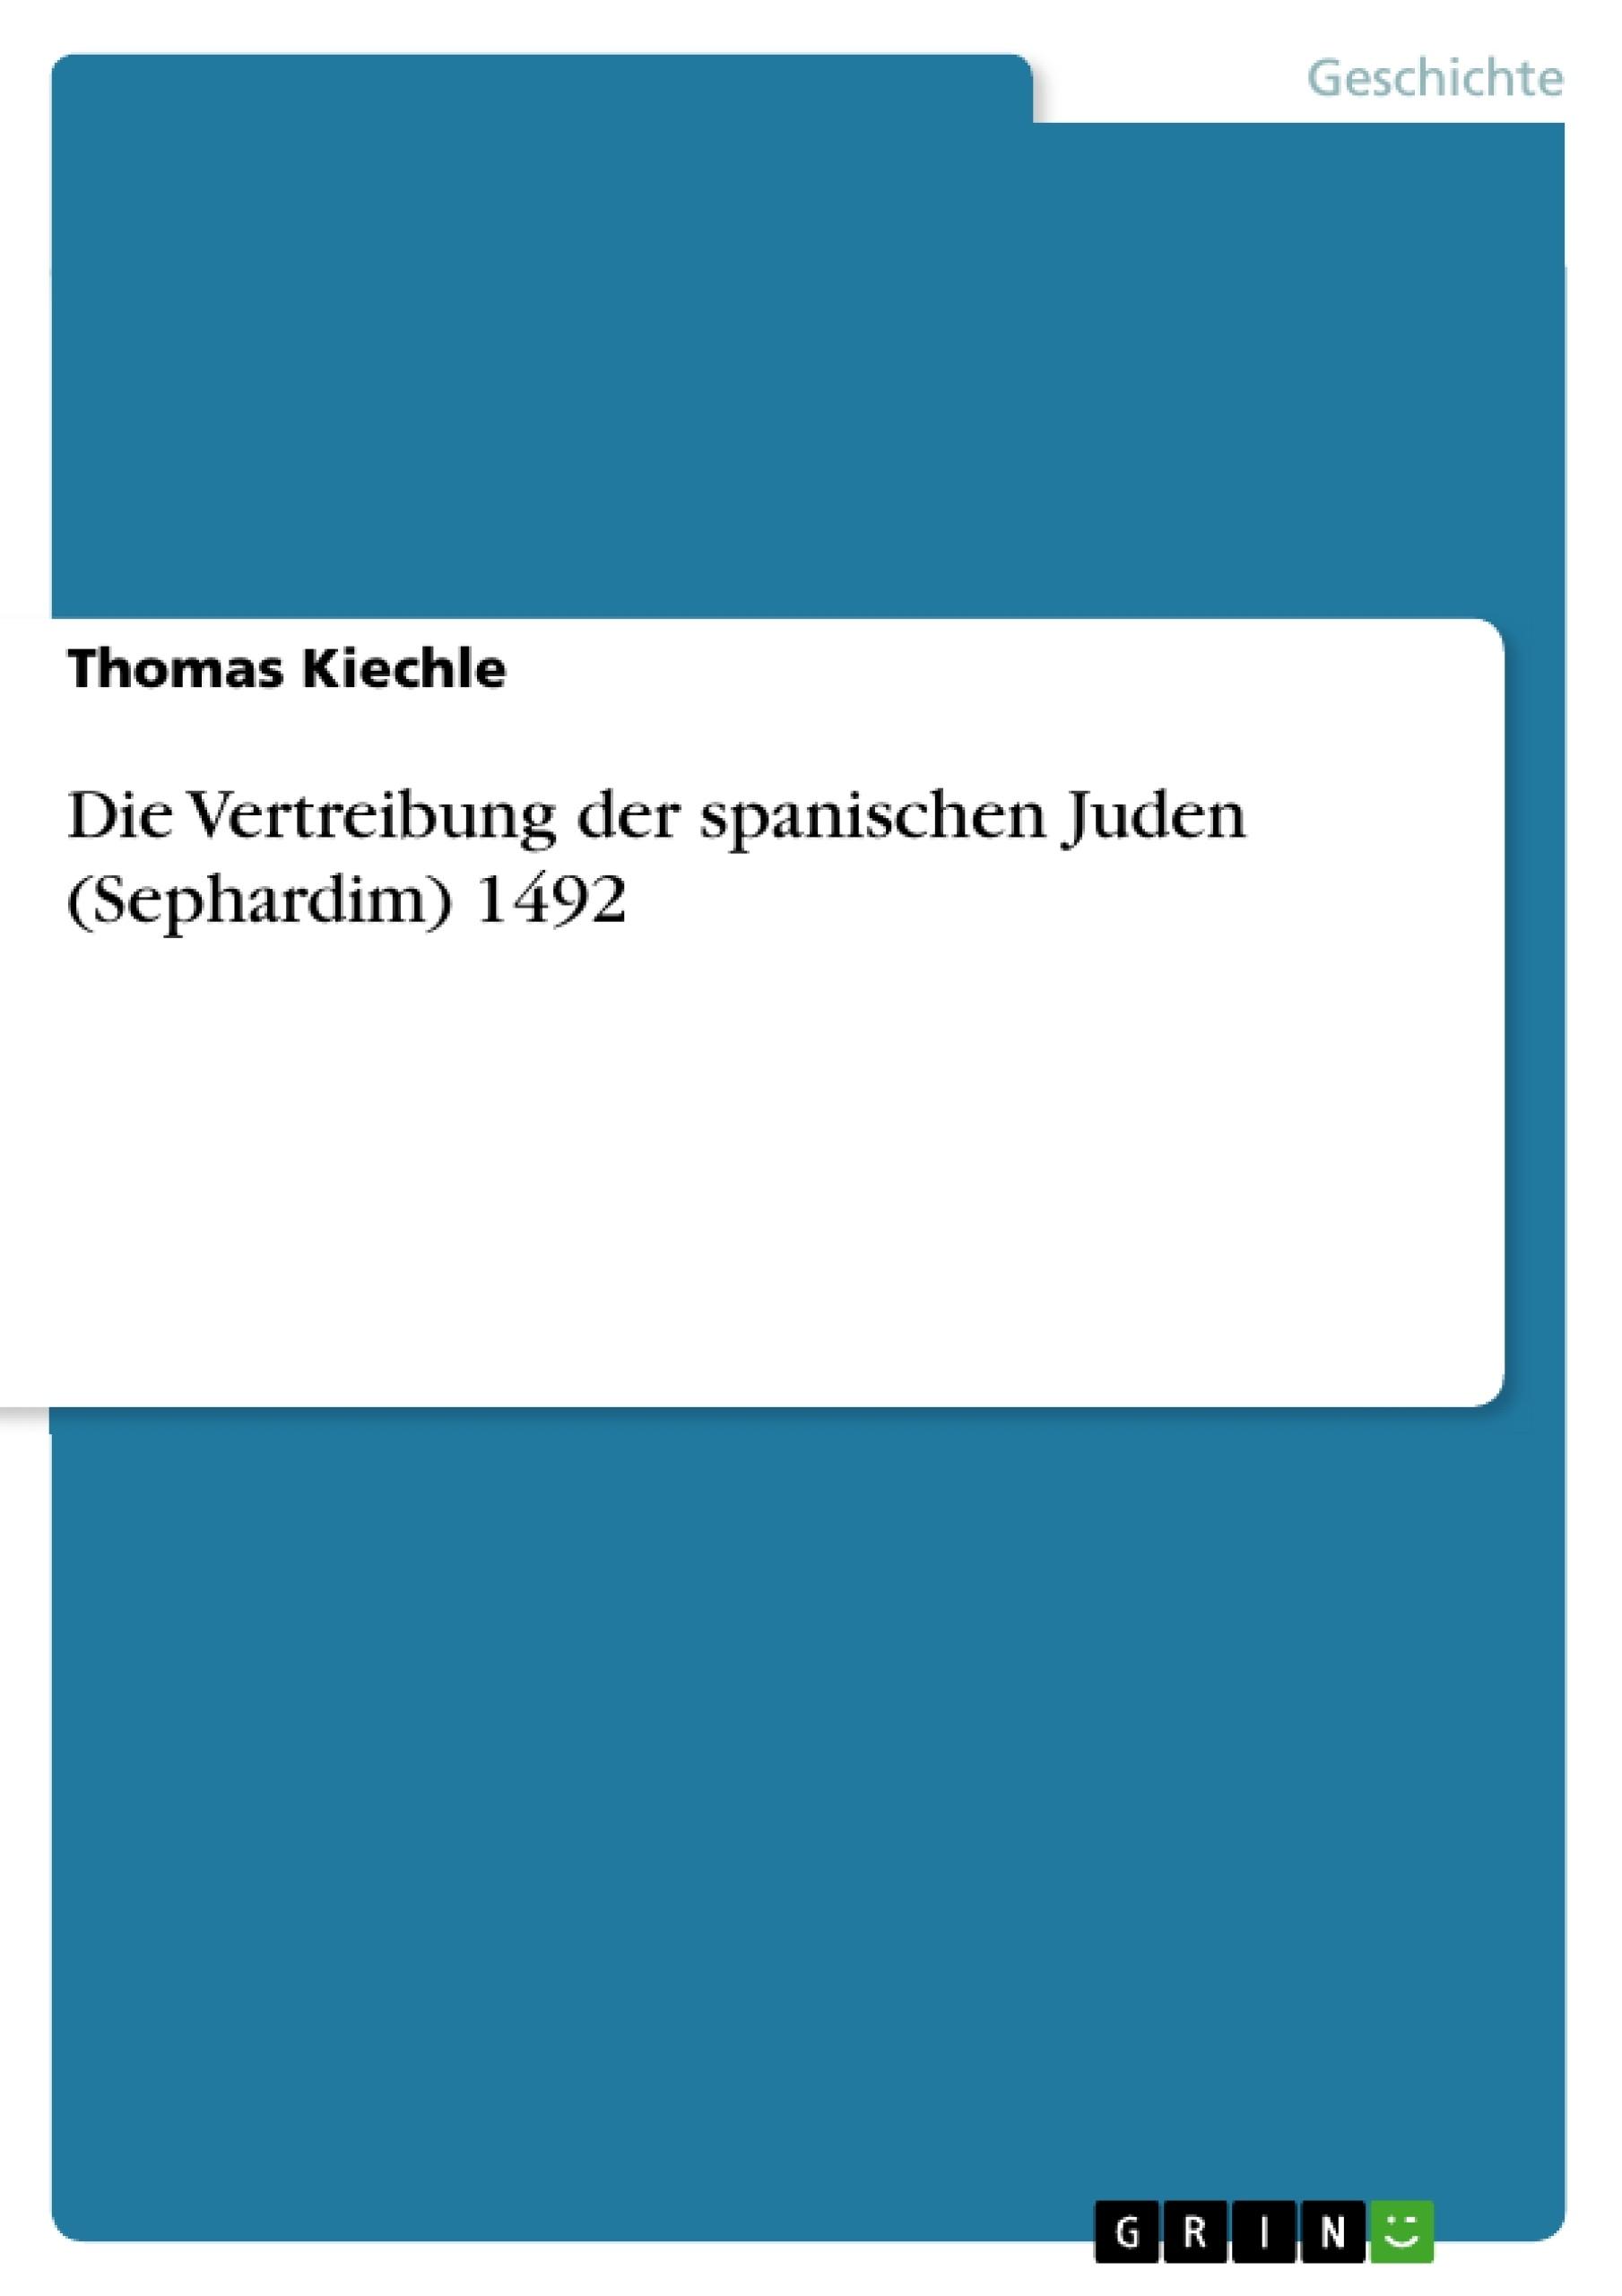 Titel: Die Vertreibung der spanischen Juden (Sephardim) 1492